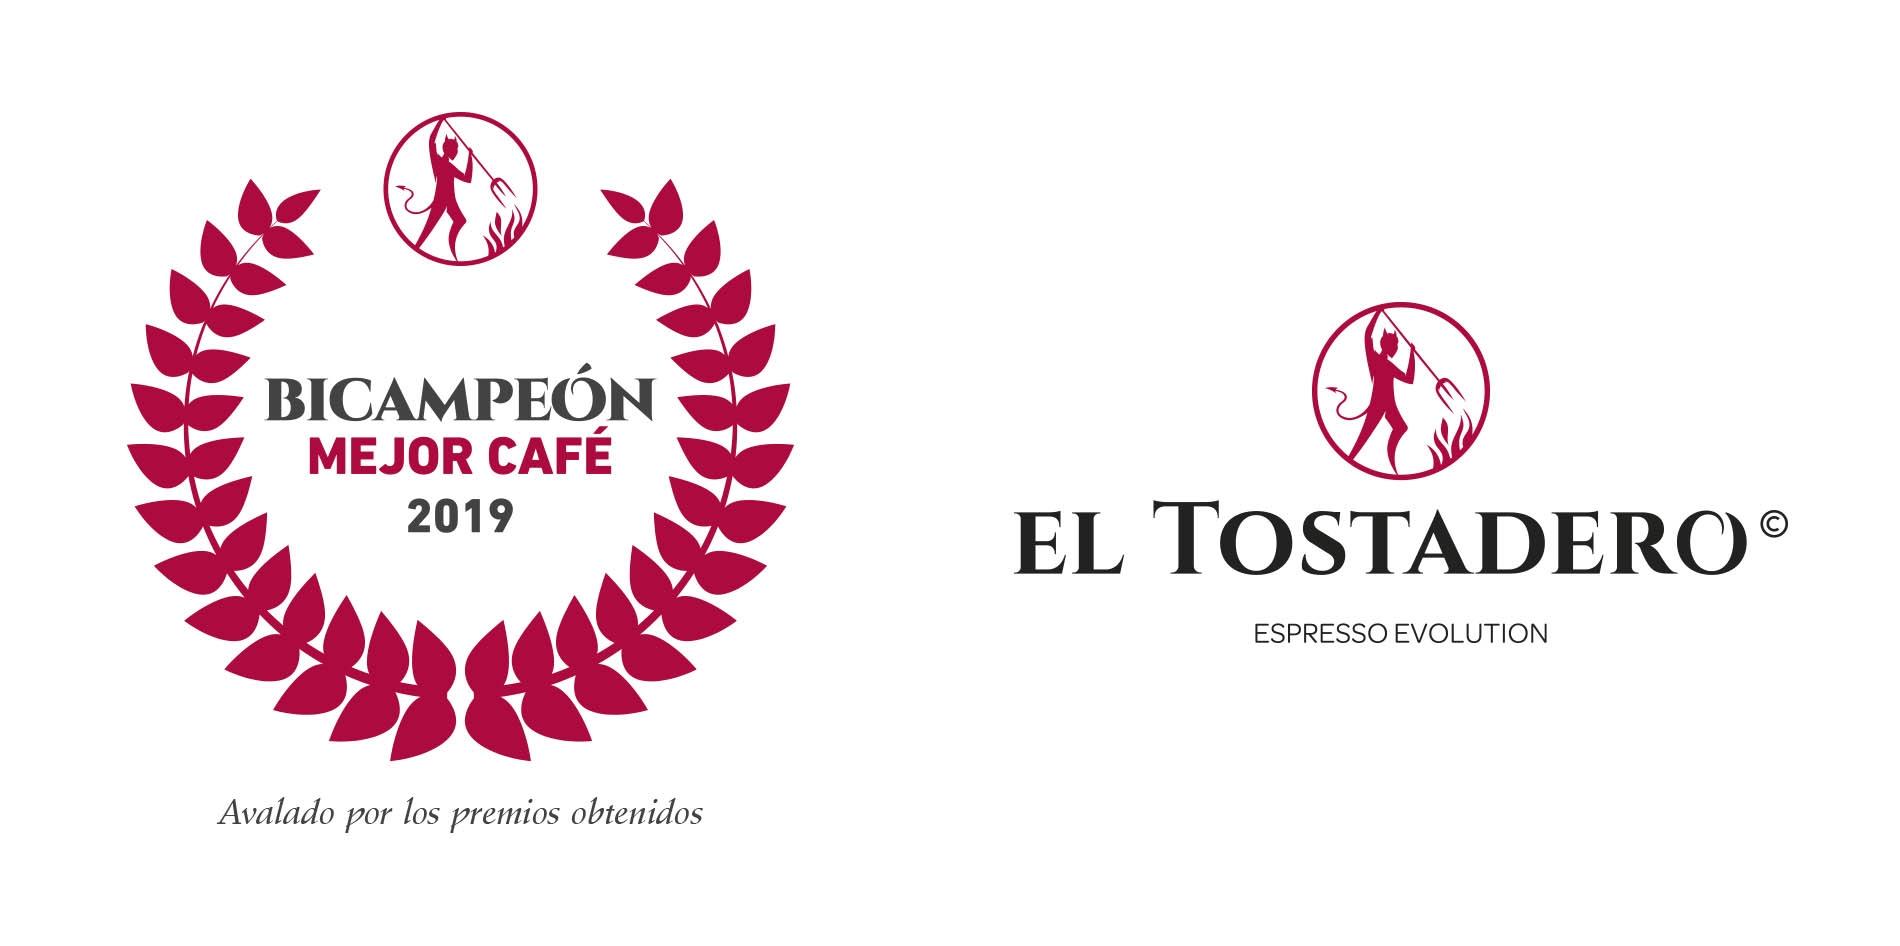 Bicampeón Mejor Café